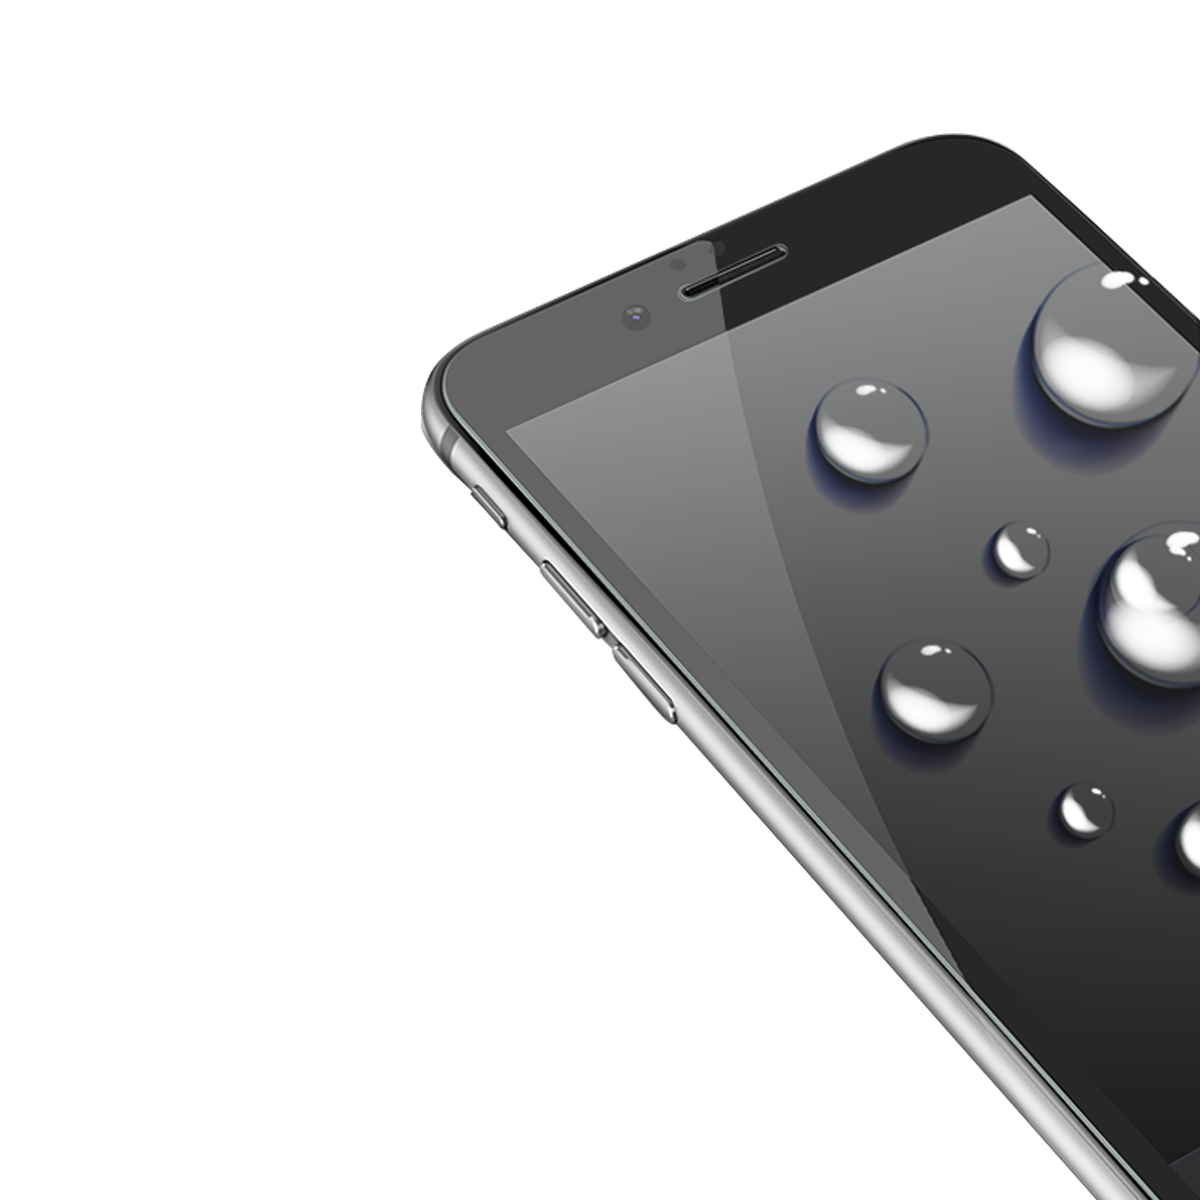 İPhone 6/6S Plus için spada Comfort Tam kaplayan Beyaz Ekran koruma camı